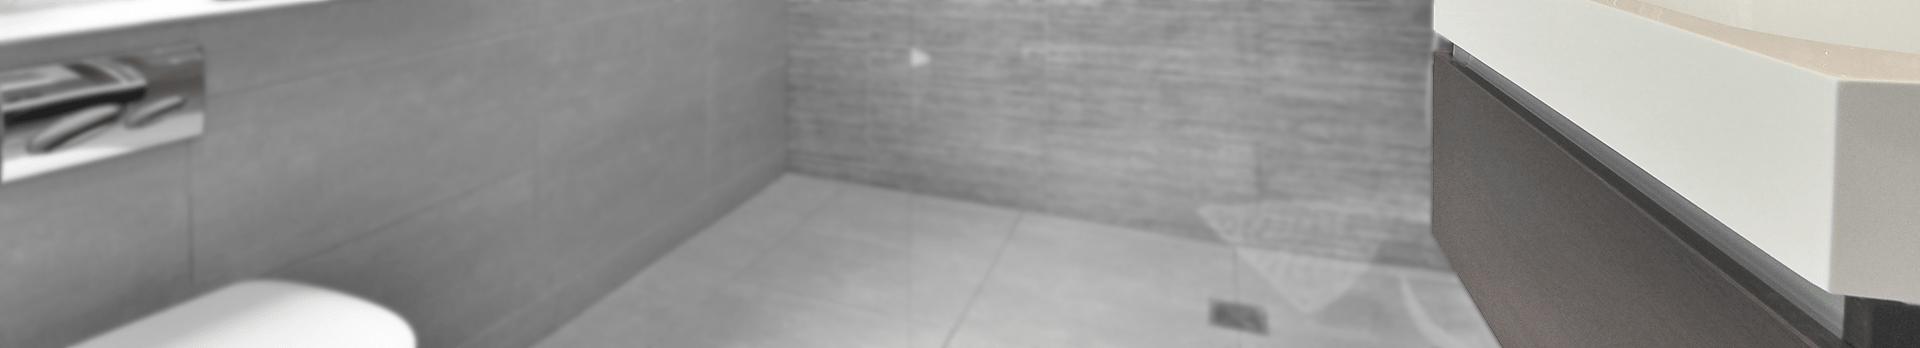 Muebles de Baño | Armarios, Lavabos y Camerinos | Mobelfy ®